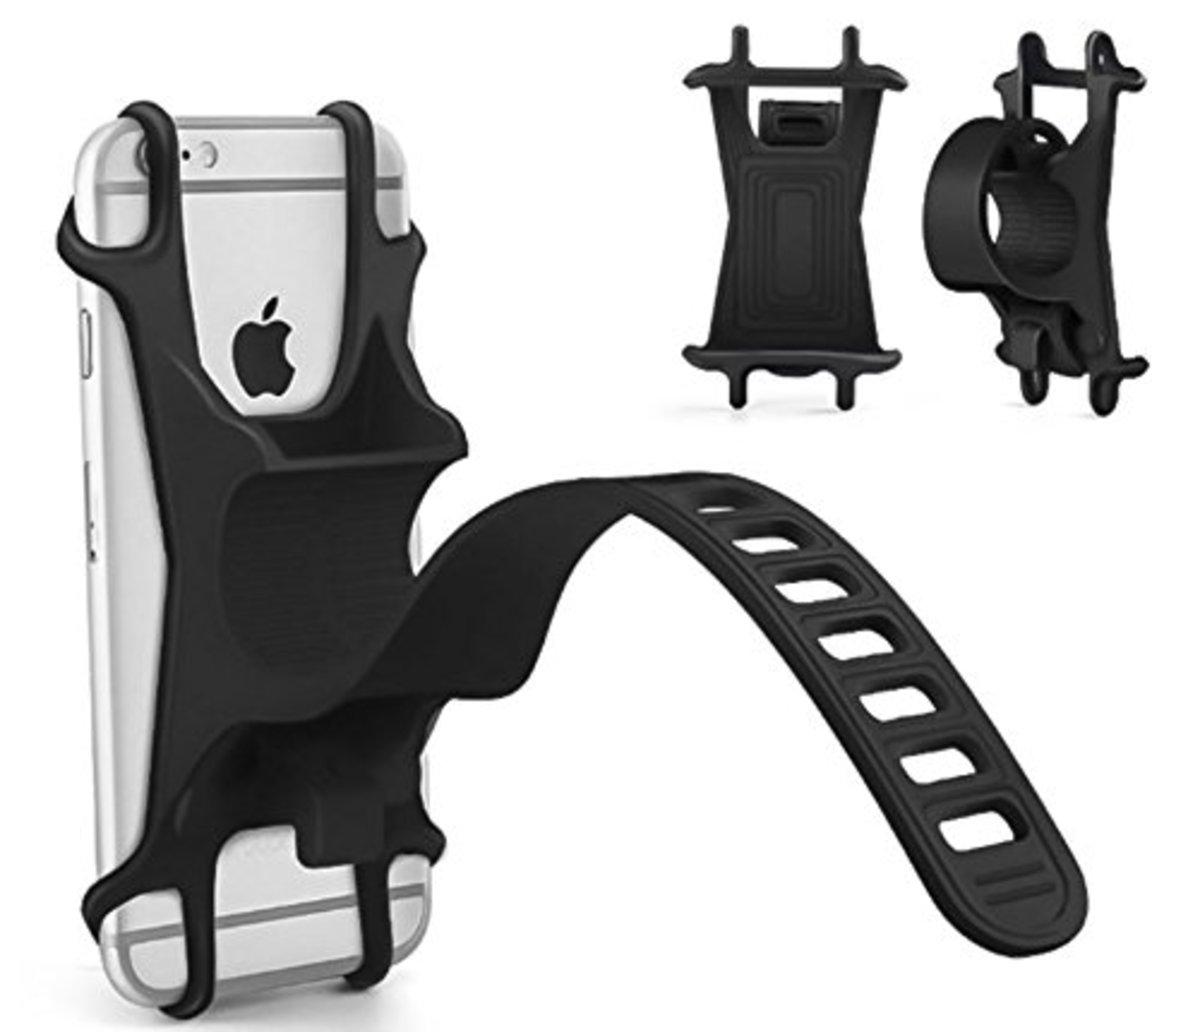 單車電單車矽膠手機支架 鋁合金 適合大部分Apple iPhone及Android智能手機